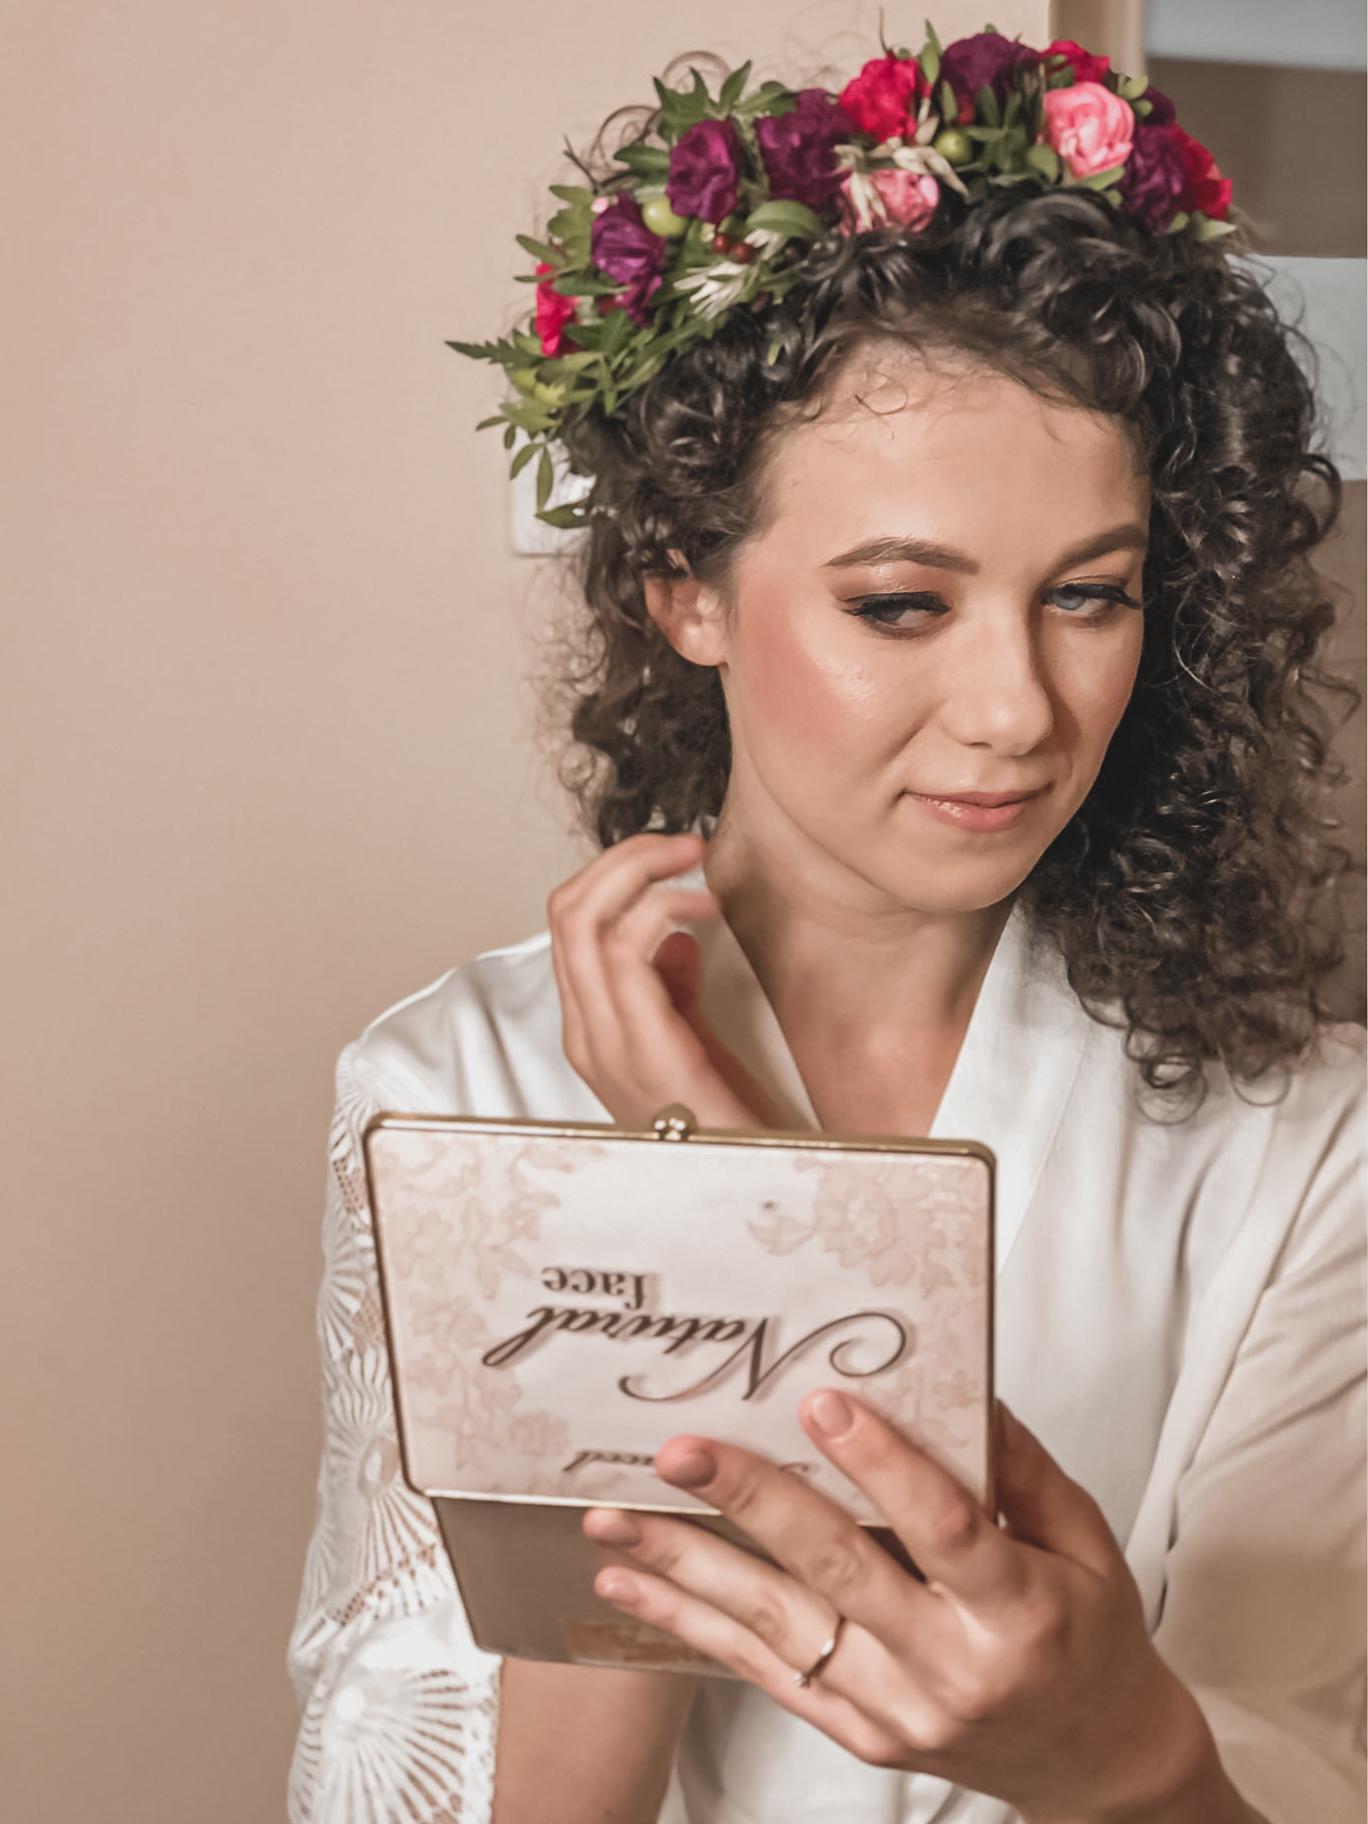 makijaż ślubny, zakreecony ślub, ślub wrocław, makijaż wrocław, douglas